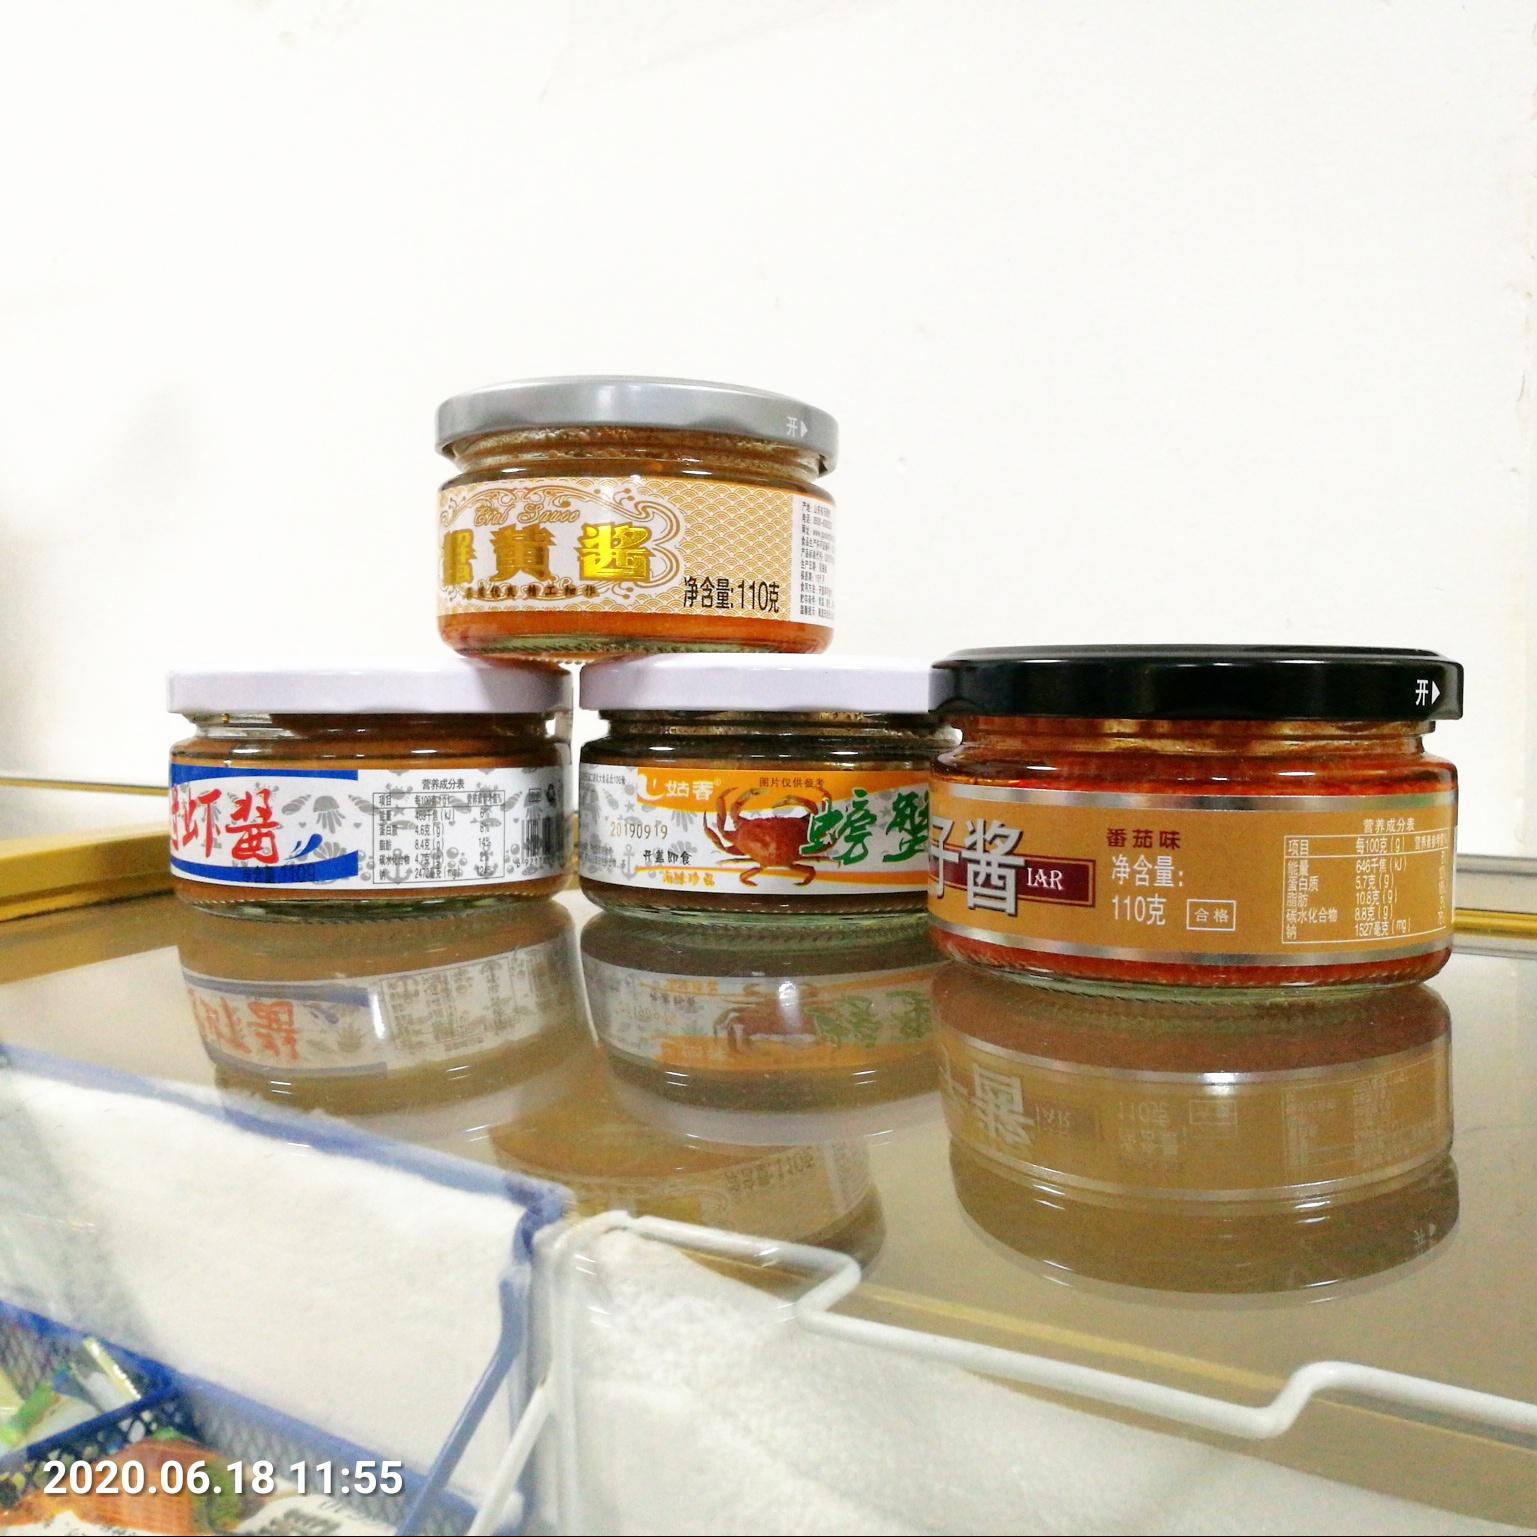 姑香牌海鲜酱玻璃瓶装110克 -对虾酱/螃蟹酱/蟹黄酱/鱼子酱